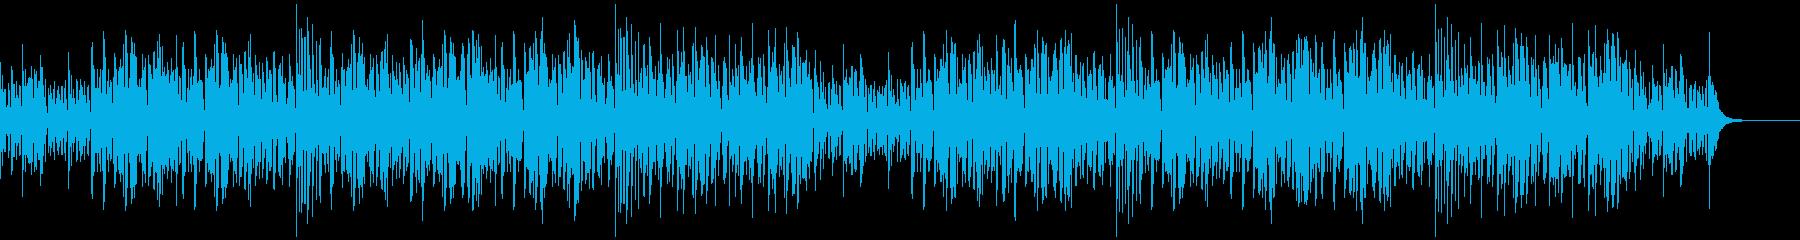 軽快でリズミカルなジャズの再生済みの波形